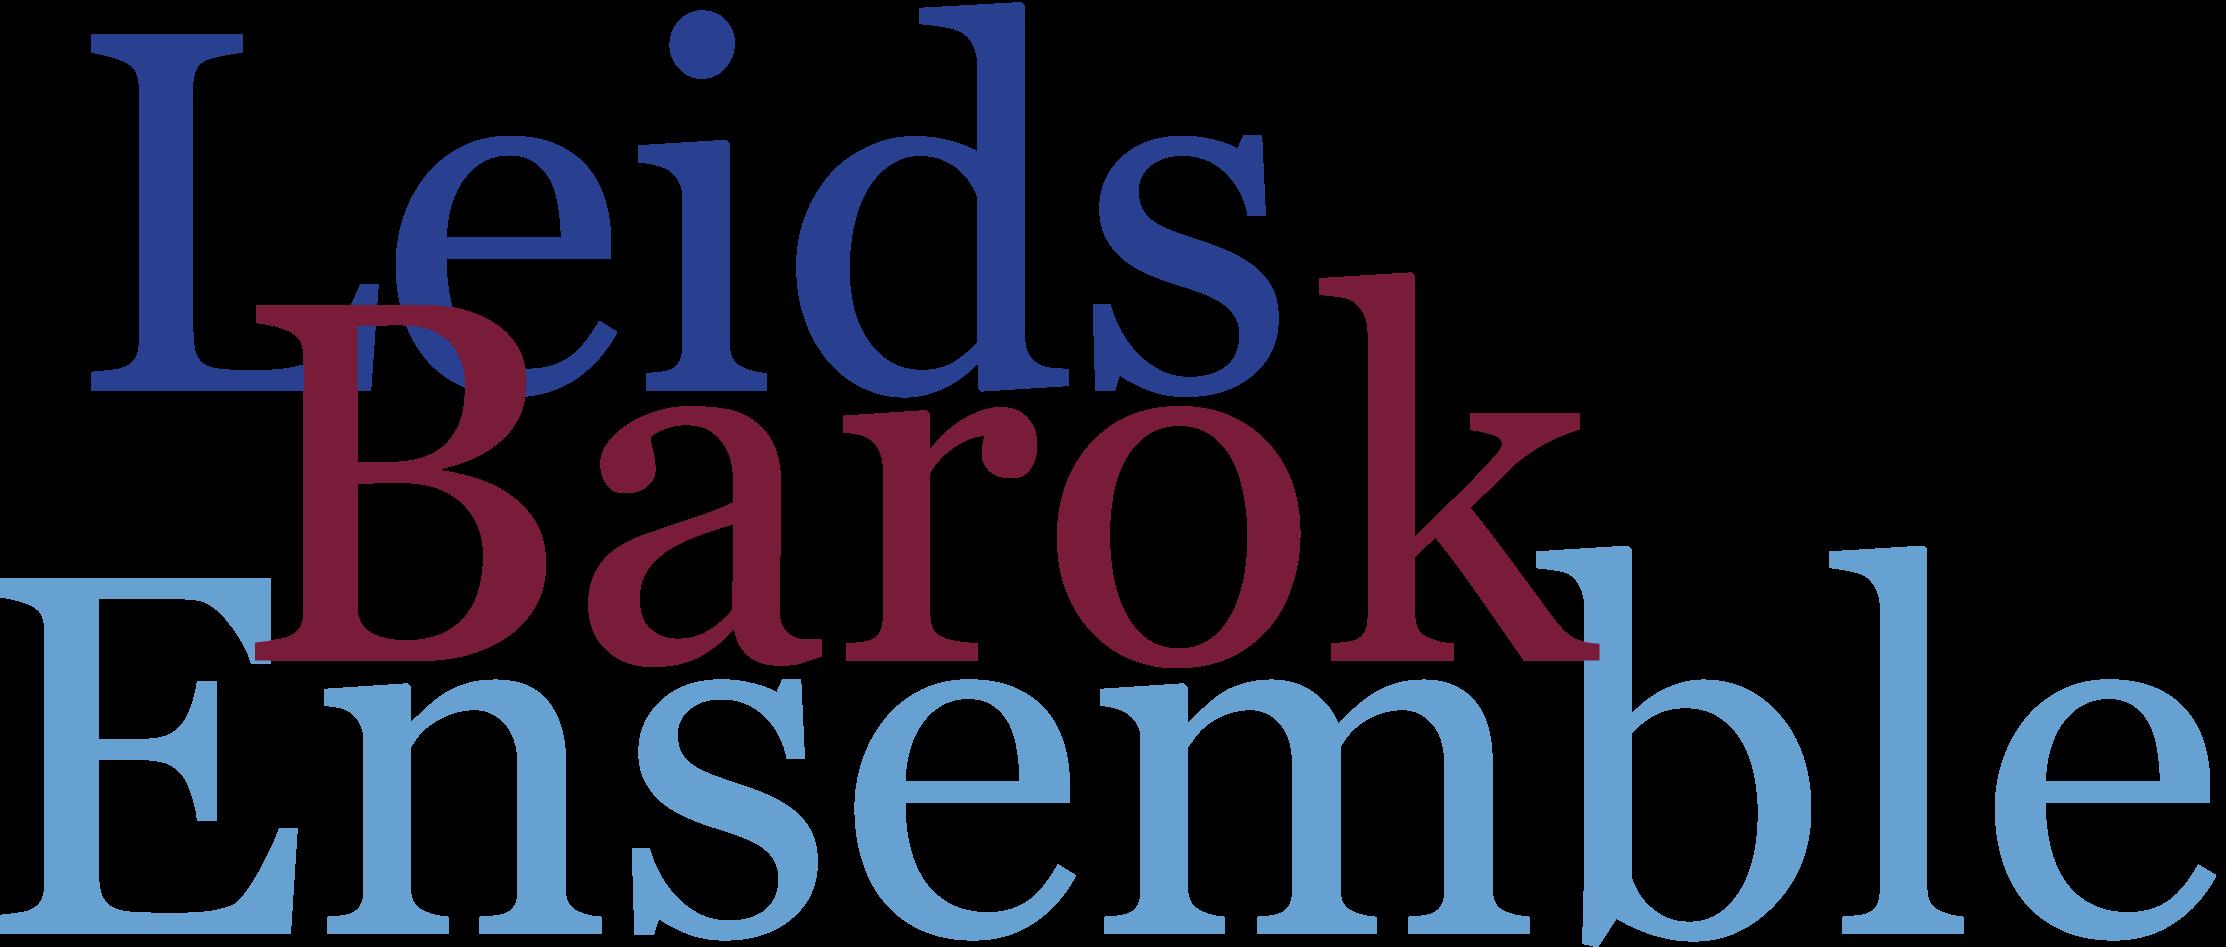 Leids Barok Ensemble